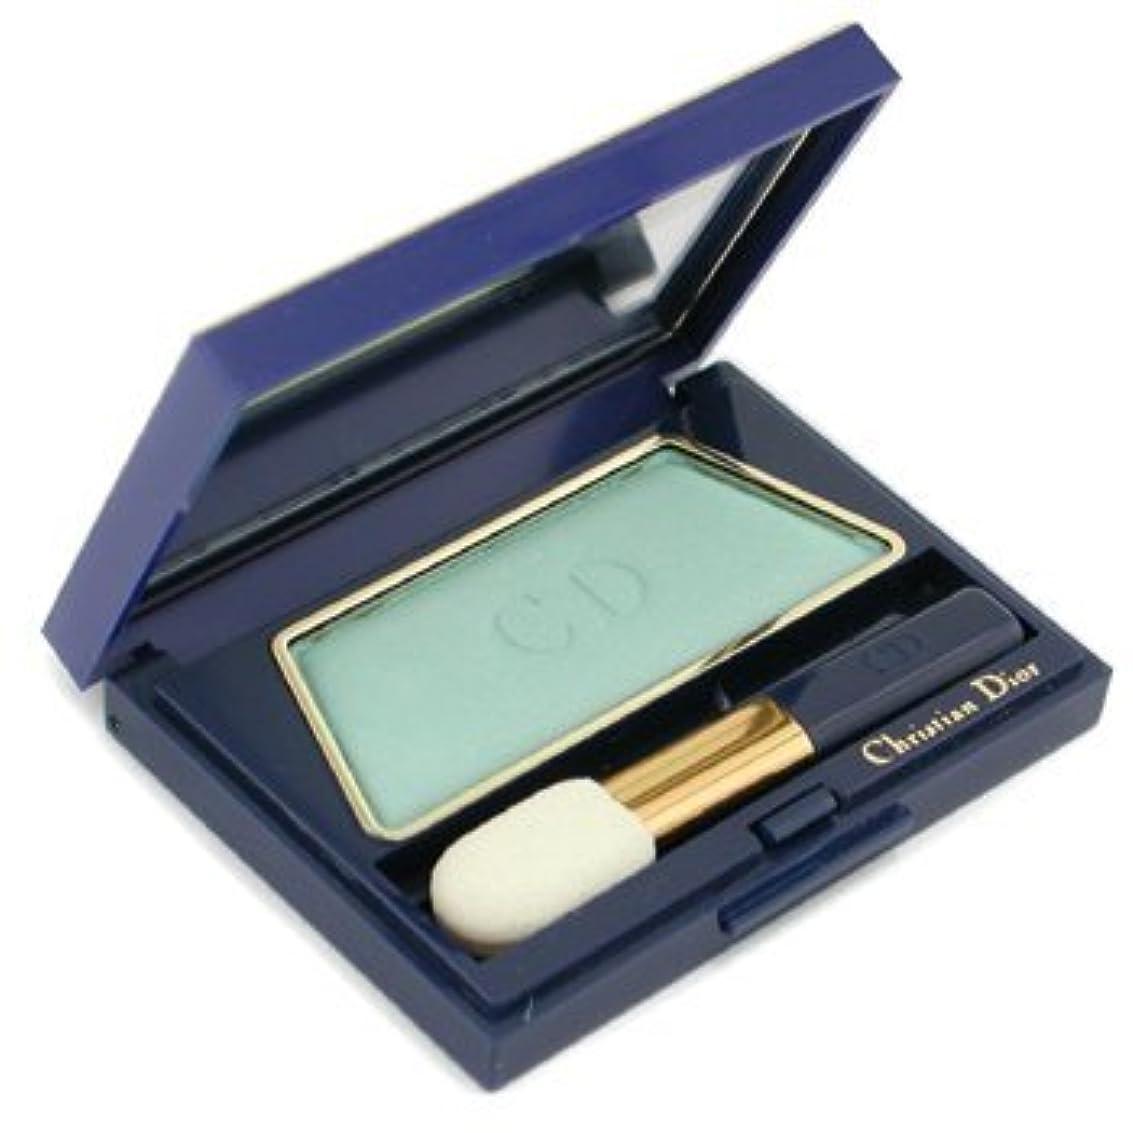 スコットランド人自慢ギャングChristian Dior Solo Dior Eyeshadow 422 Dewy Green(ソロ ディオール アイシャドウ 422 ドゥーイグリーン)[海外直送品] [並行輸入品]